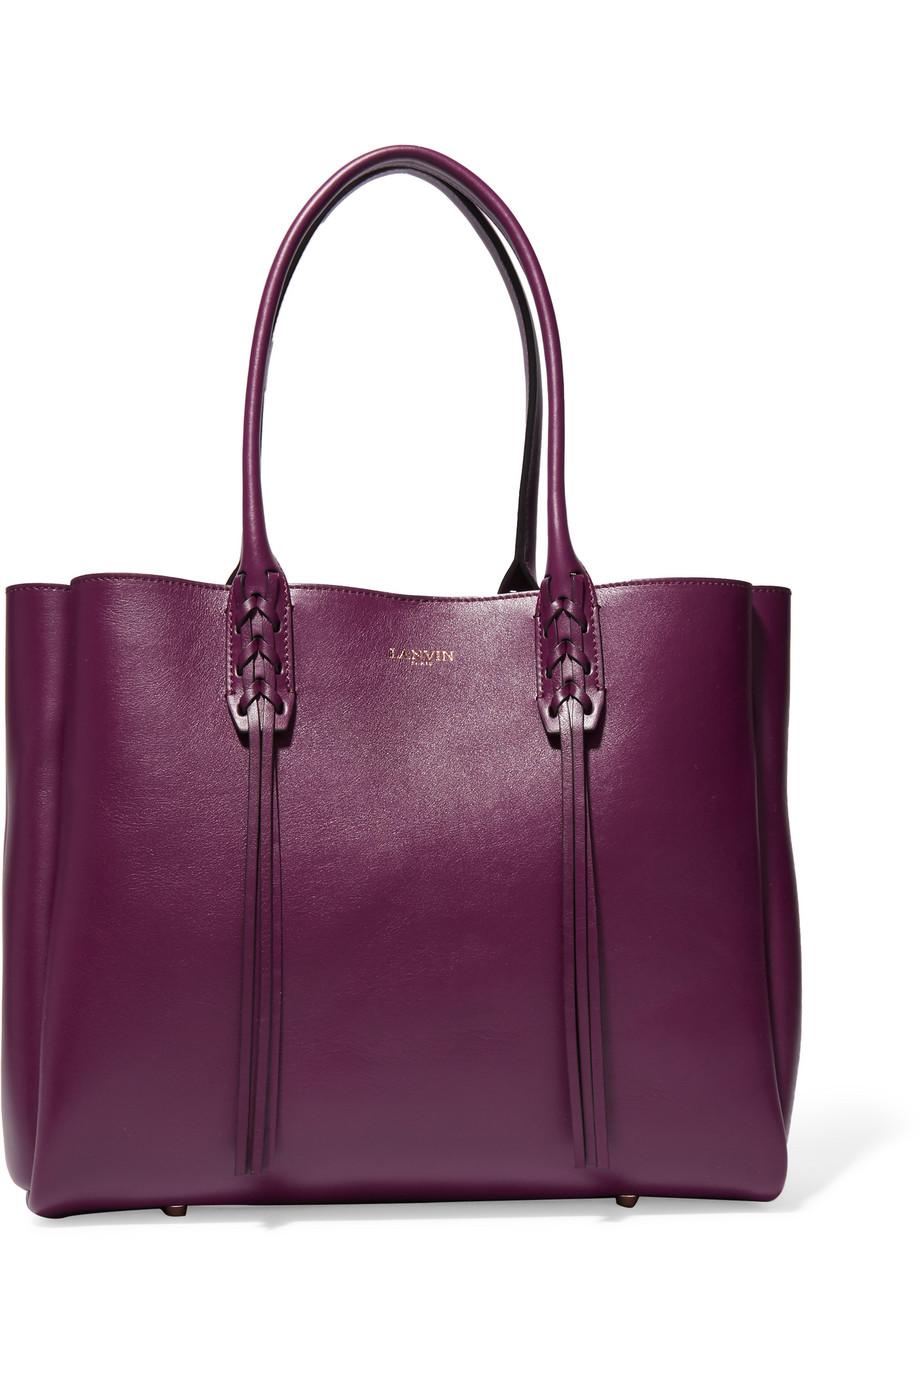 Lanvin The Shopper Small Leather Tote, Grape, Women's